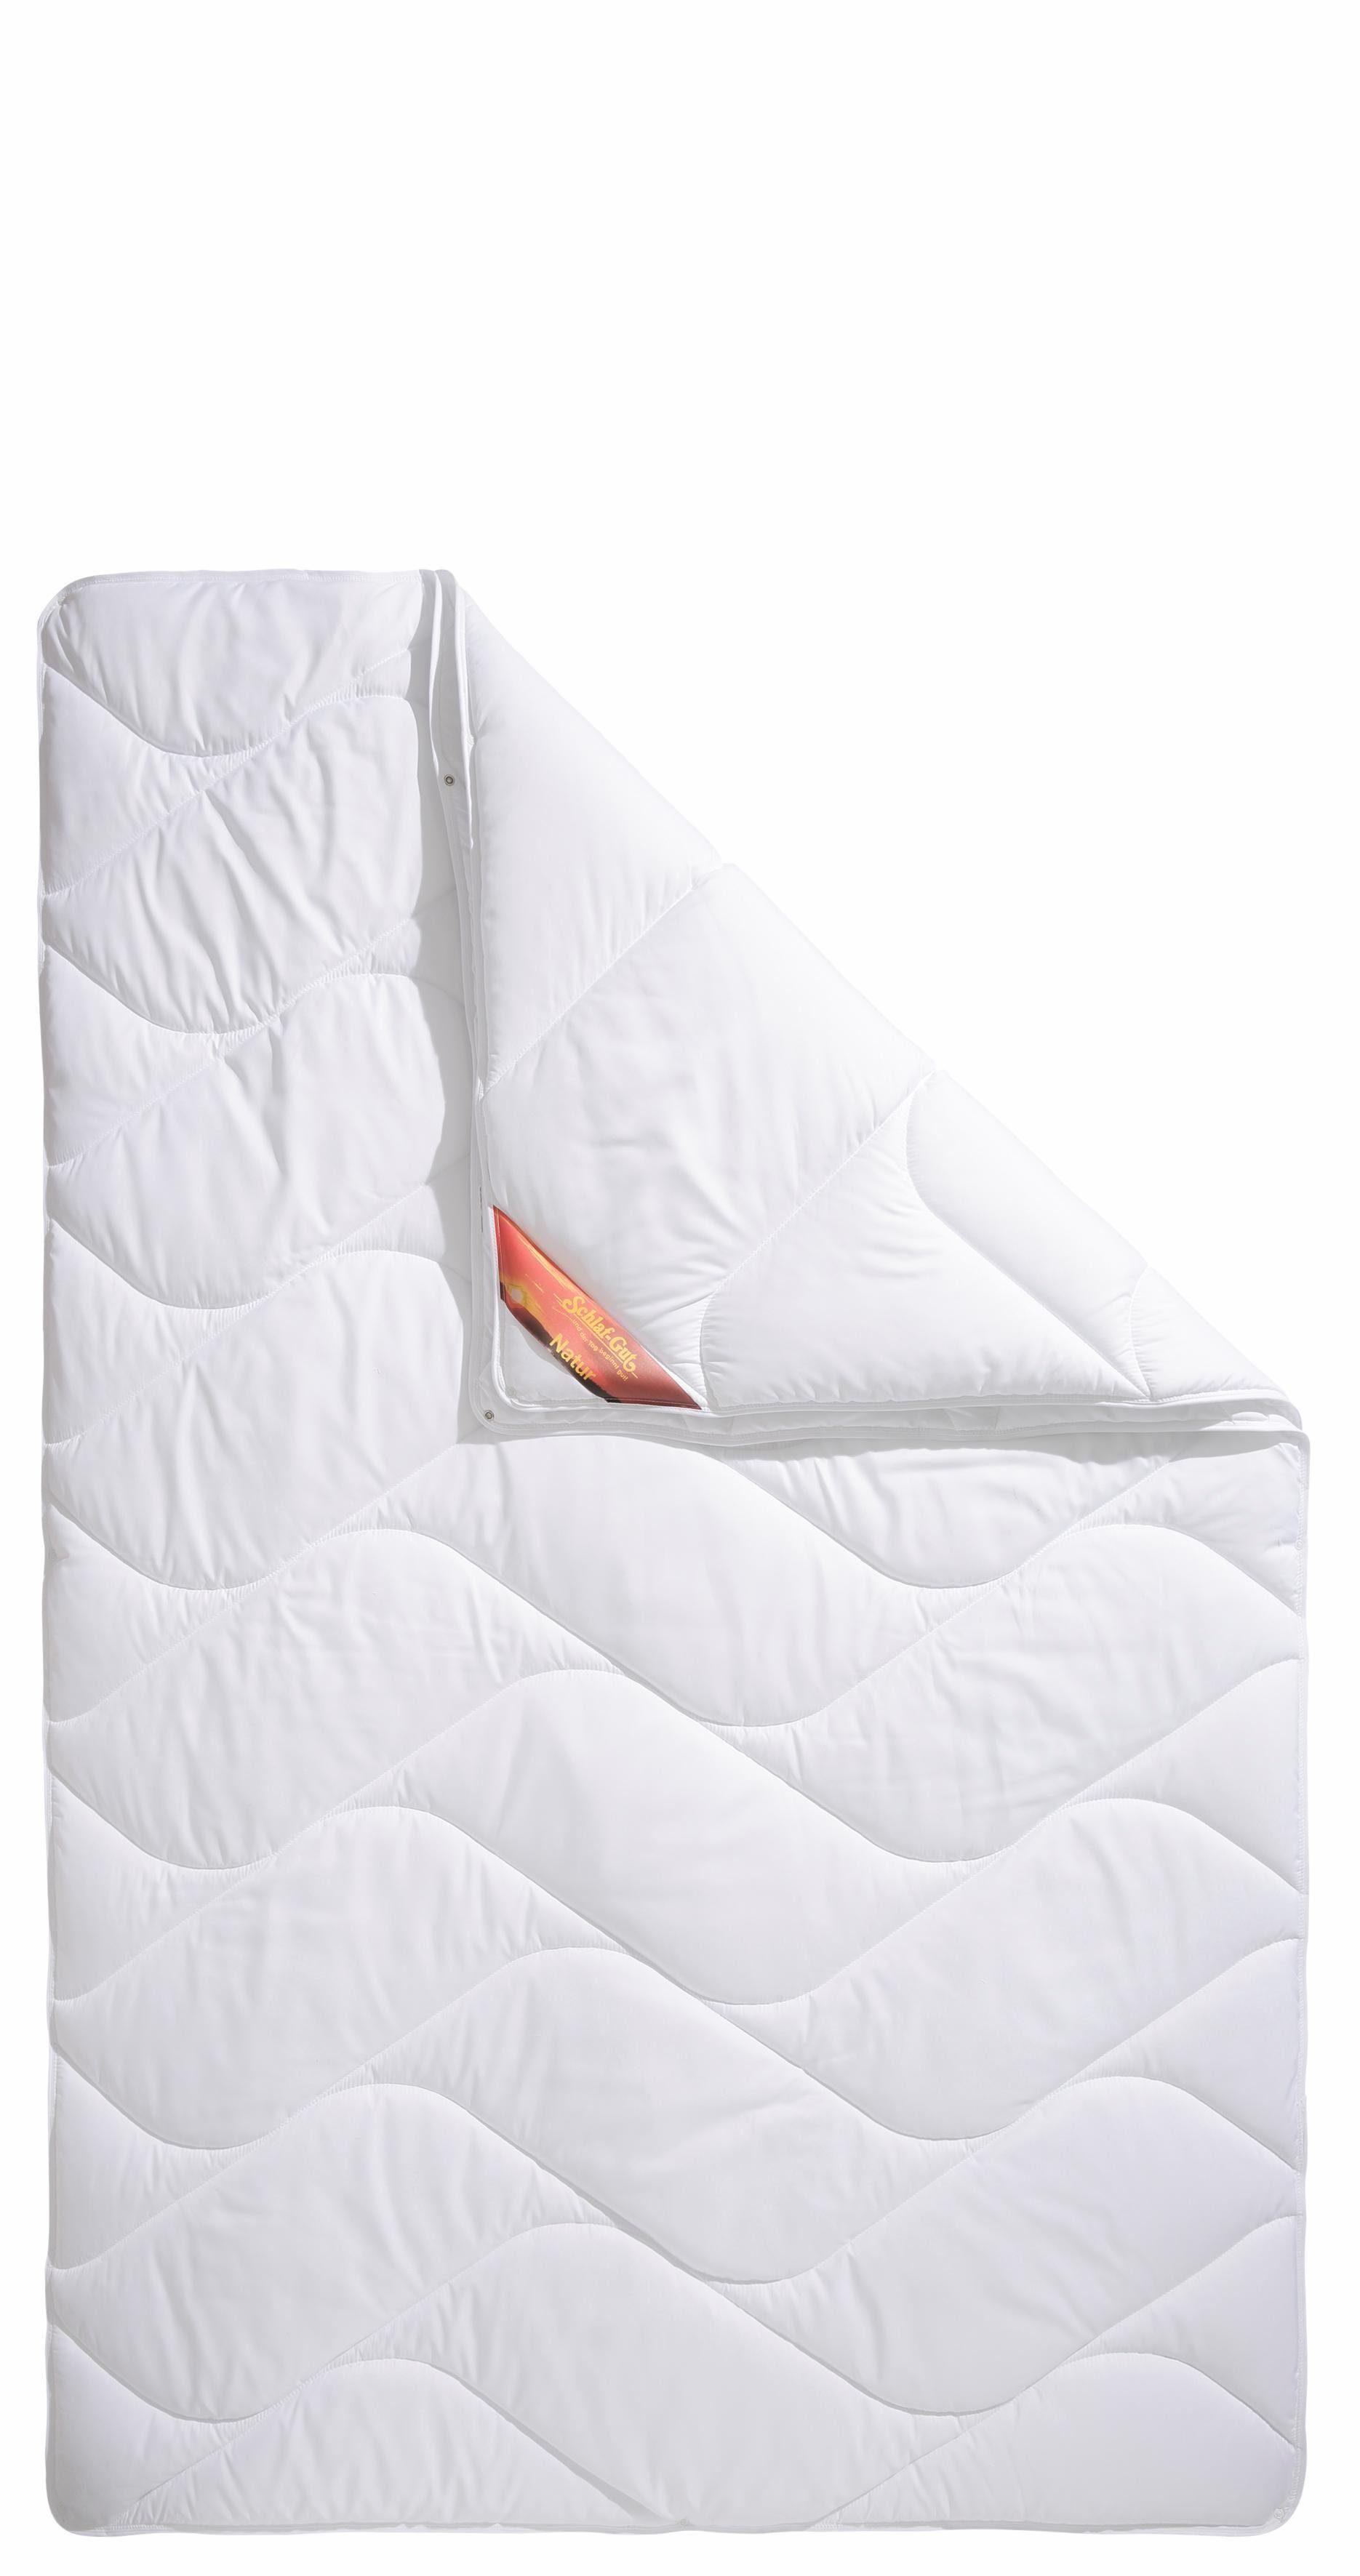 4-Jahreszeitenbett, »Proneem«, Schlaf-Gut, 4-Jahreszeiten, Bezug: 100% Baumwolle, (1-tlg), mit Baumwoll-Bezug